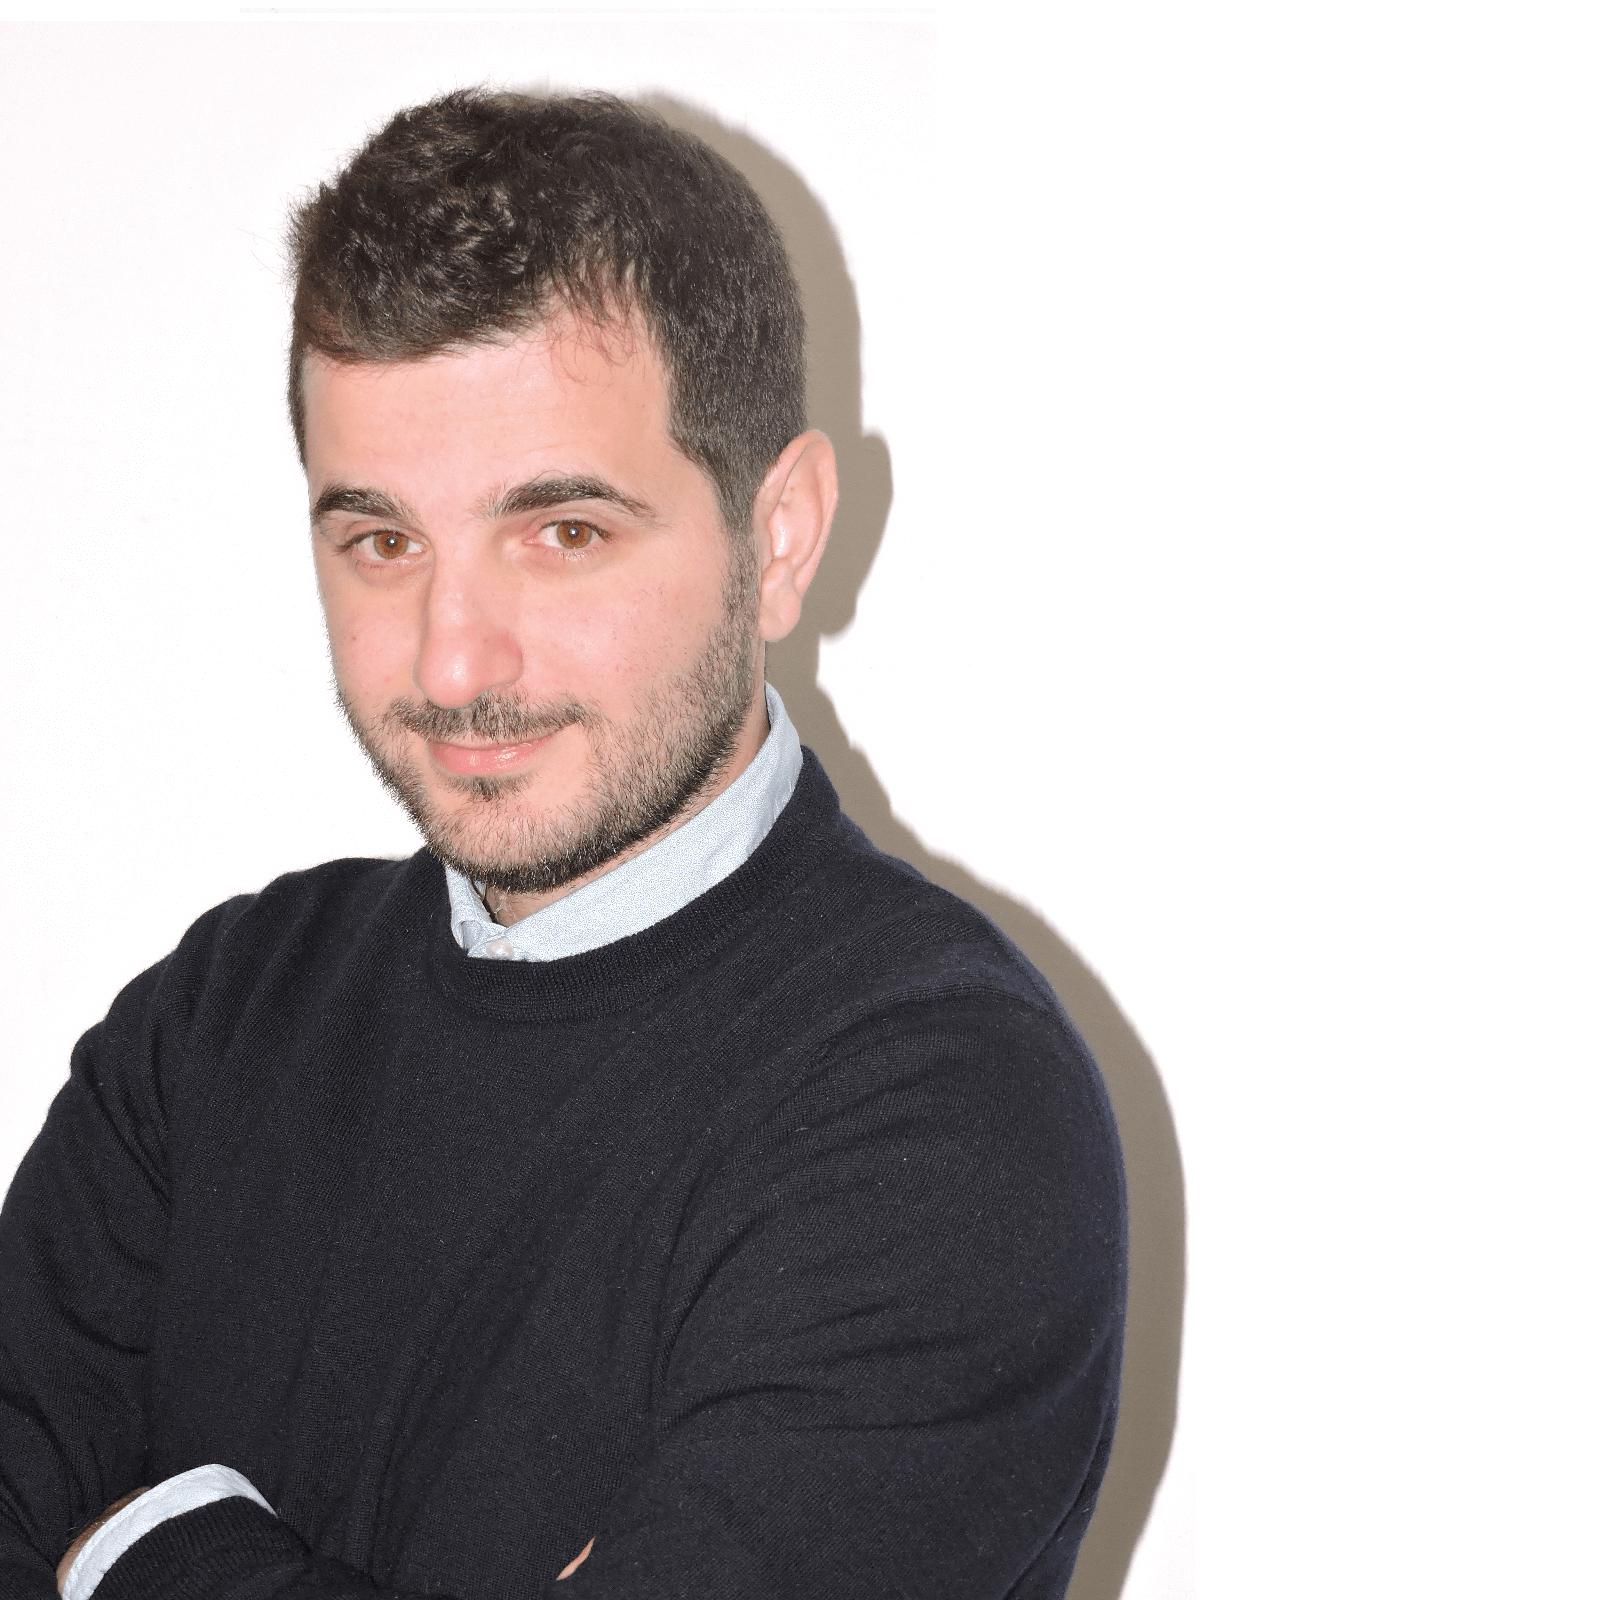 Daniele_Vinci_Consulenza Come vendere prodotti enogastronomici con il web